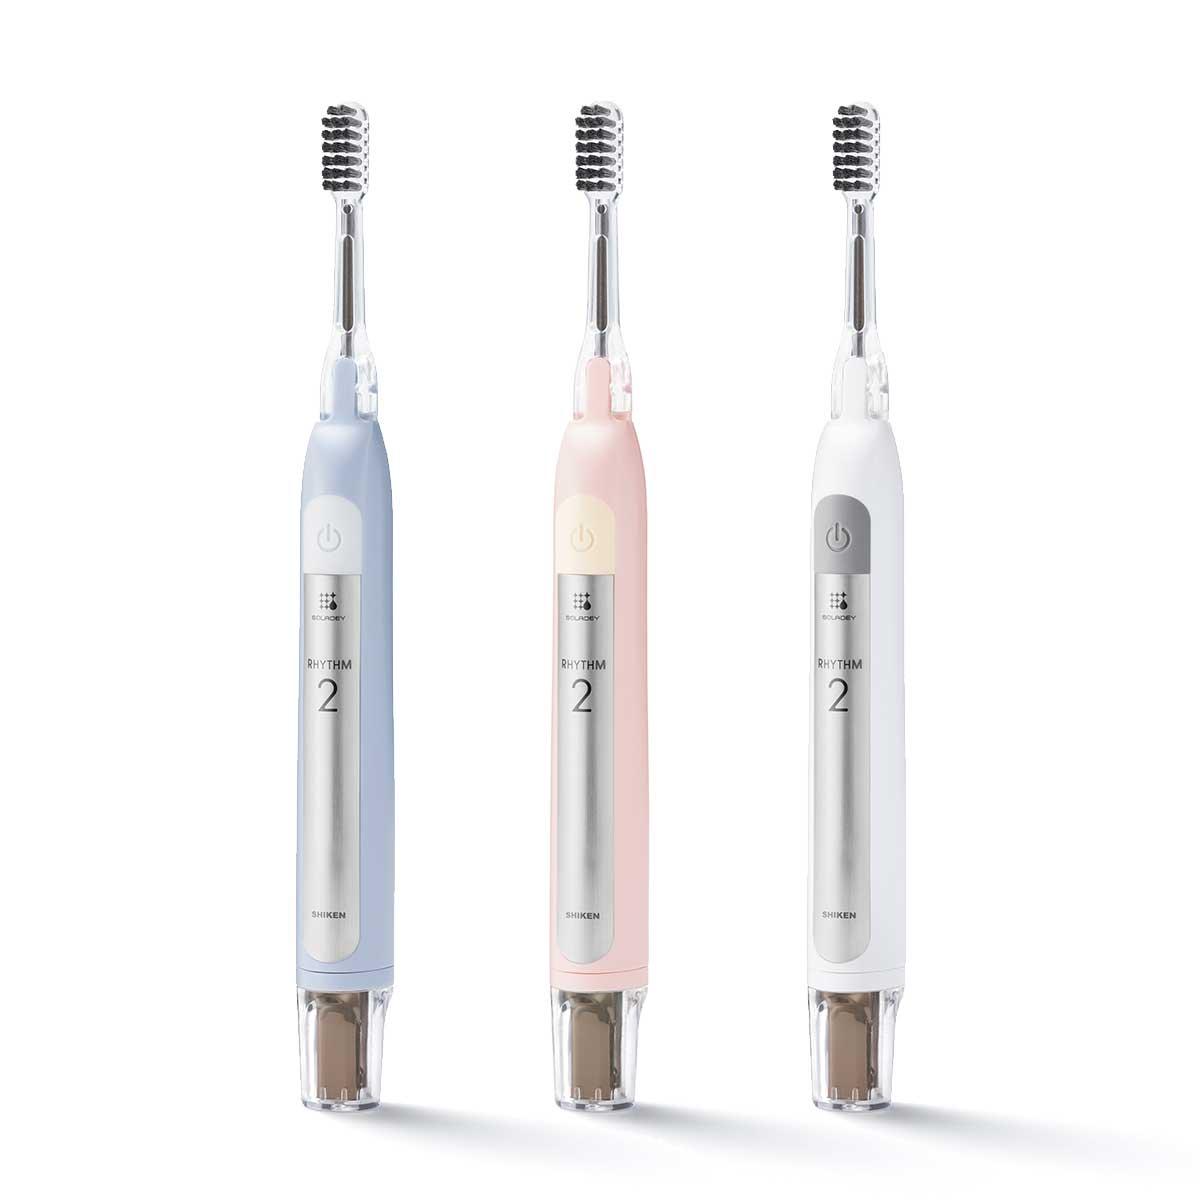 「スノーホワイト」「アイスブルー」「ベビーピンク」の3色。光触媒の効果で、歯磨き粉なしでも歯垢がとれる「電動歯ブラシ」|SOLADEY